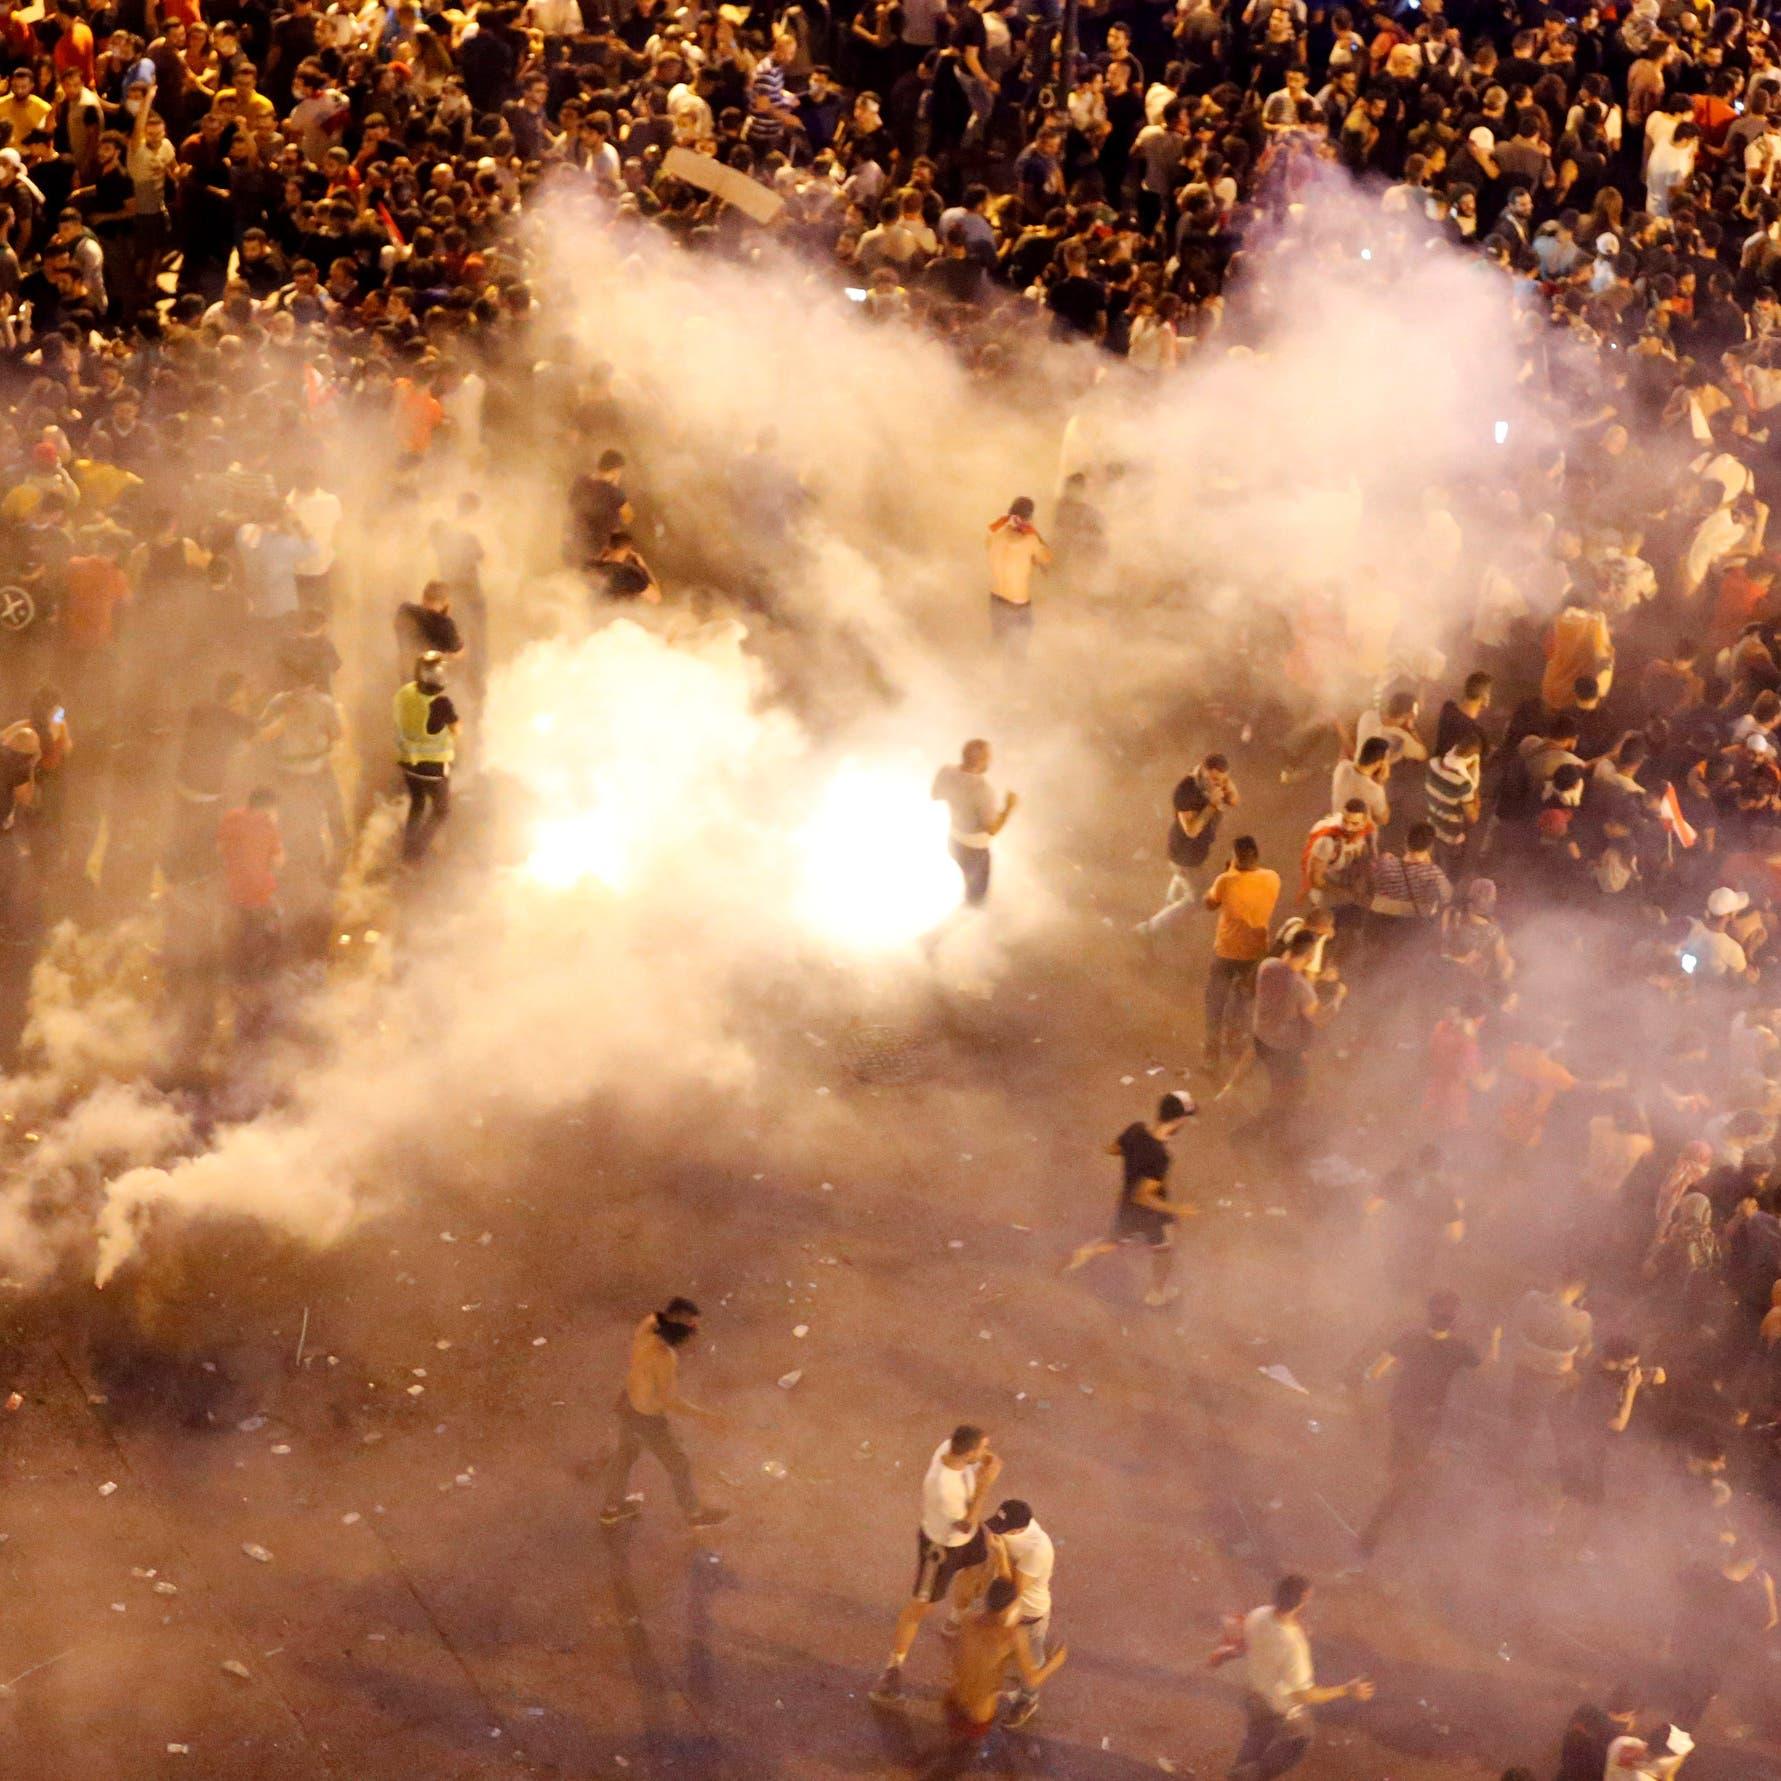 وسط بيروت يحترق.. شغب في قلبها وغاز مسيل للدموع